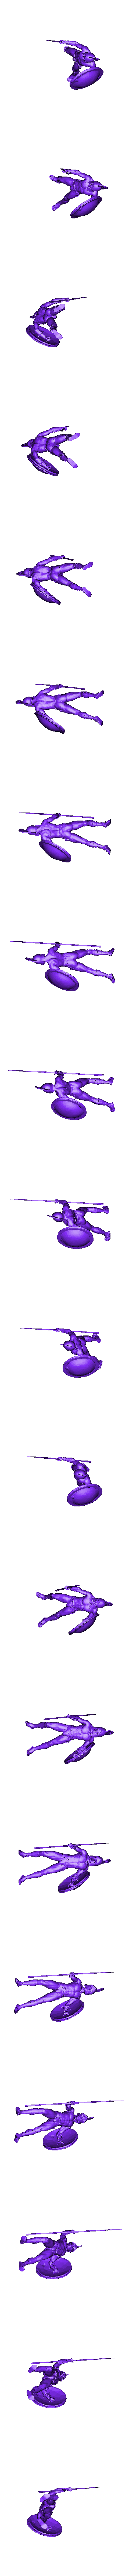 SPARTA.stl Télécharger fichier STL gratuit Guerrier SPARTA • Modèle pour impression 3D, Boris3dStudio